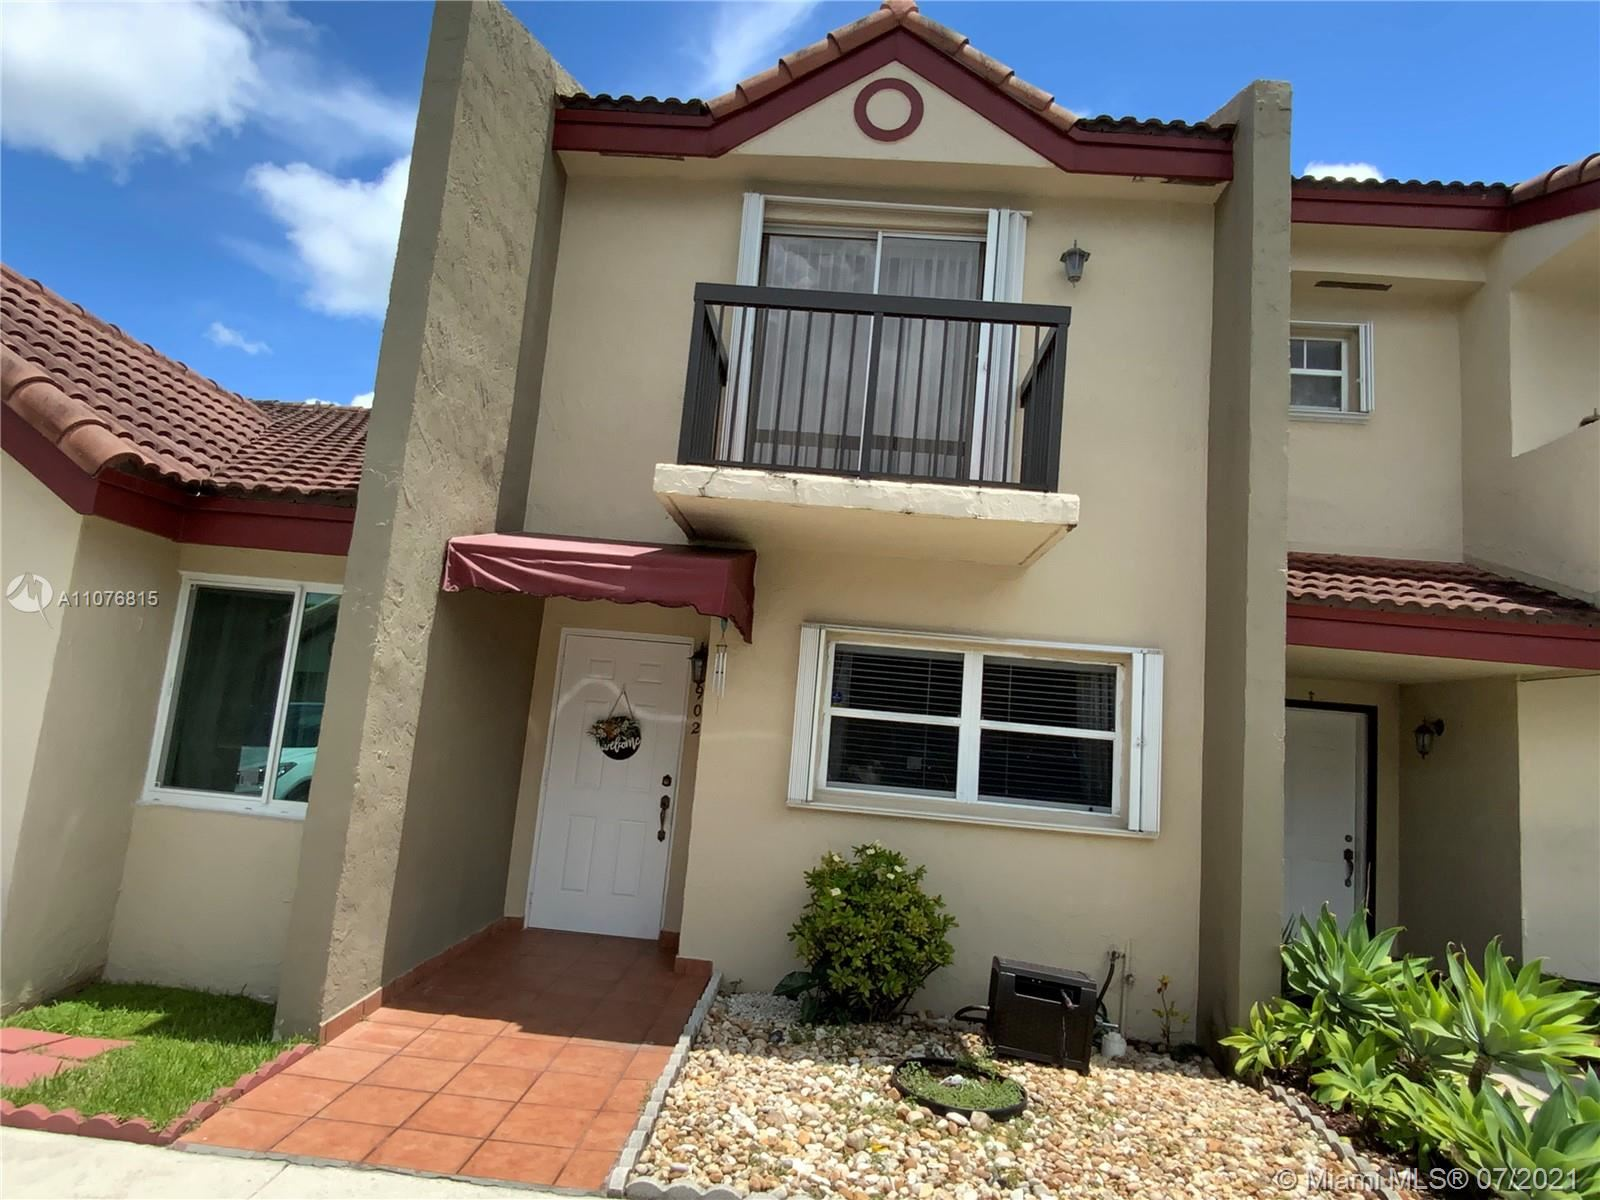 6211 SW 130th Ave #902, Miami, FL 33183 - #: A11076815